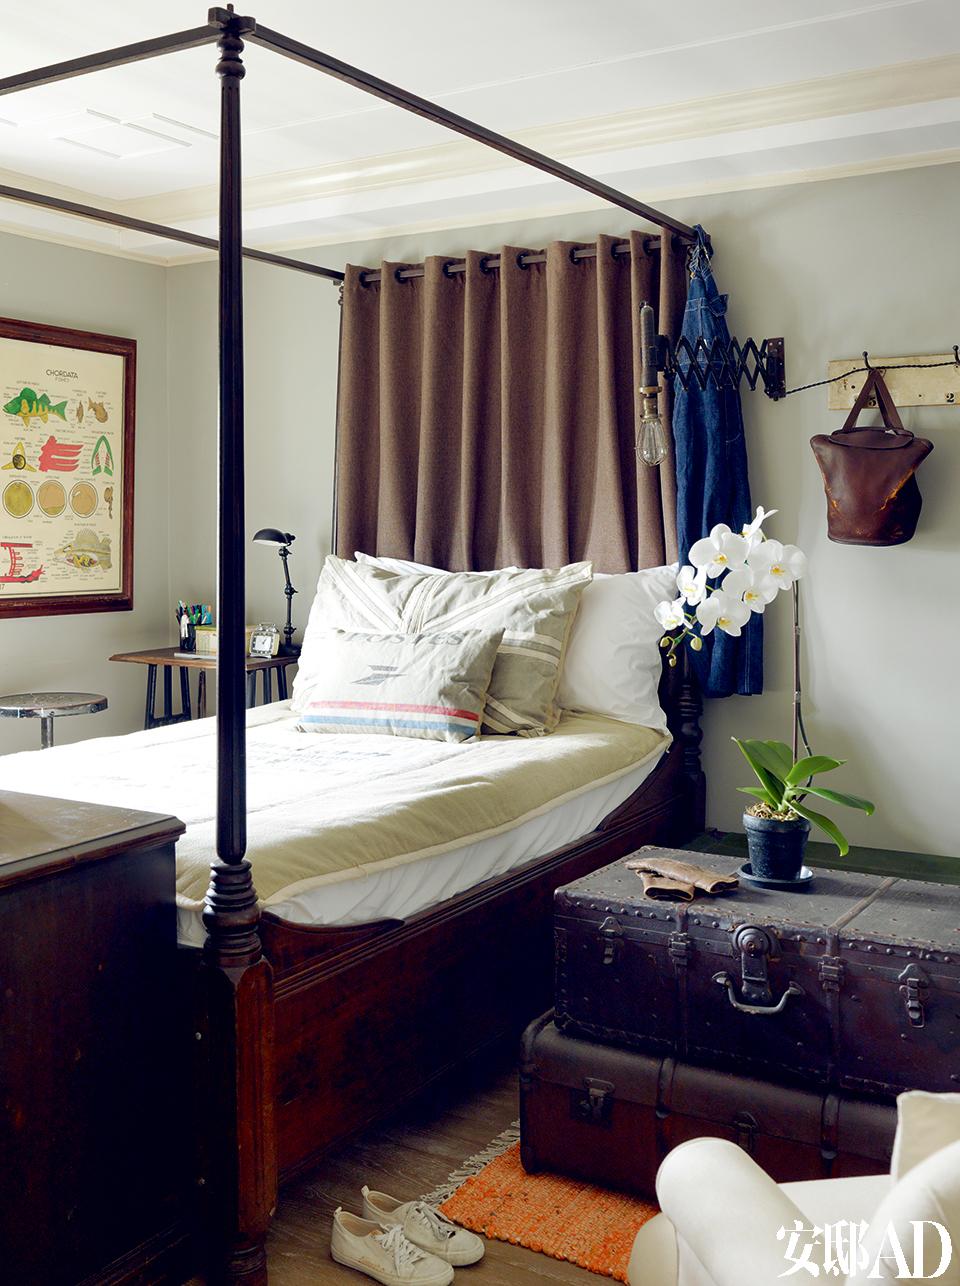 """女儿房间。叶裕清是位""""淘旧物达人"""",爱买如痴的他共搜集了近30张床架,全都属于法国南洋风格,其酒店客房内的16张床架自己都使用过。箱子也是叶裕清难以割爱的物品,前后共搜集了近百个箱子,酒店就用上30个。"""